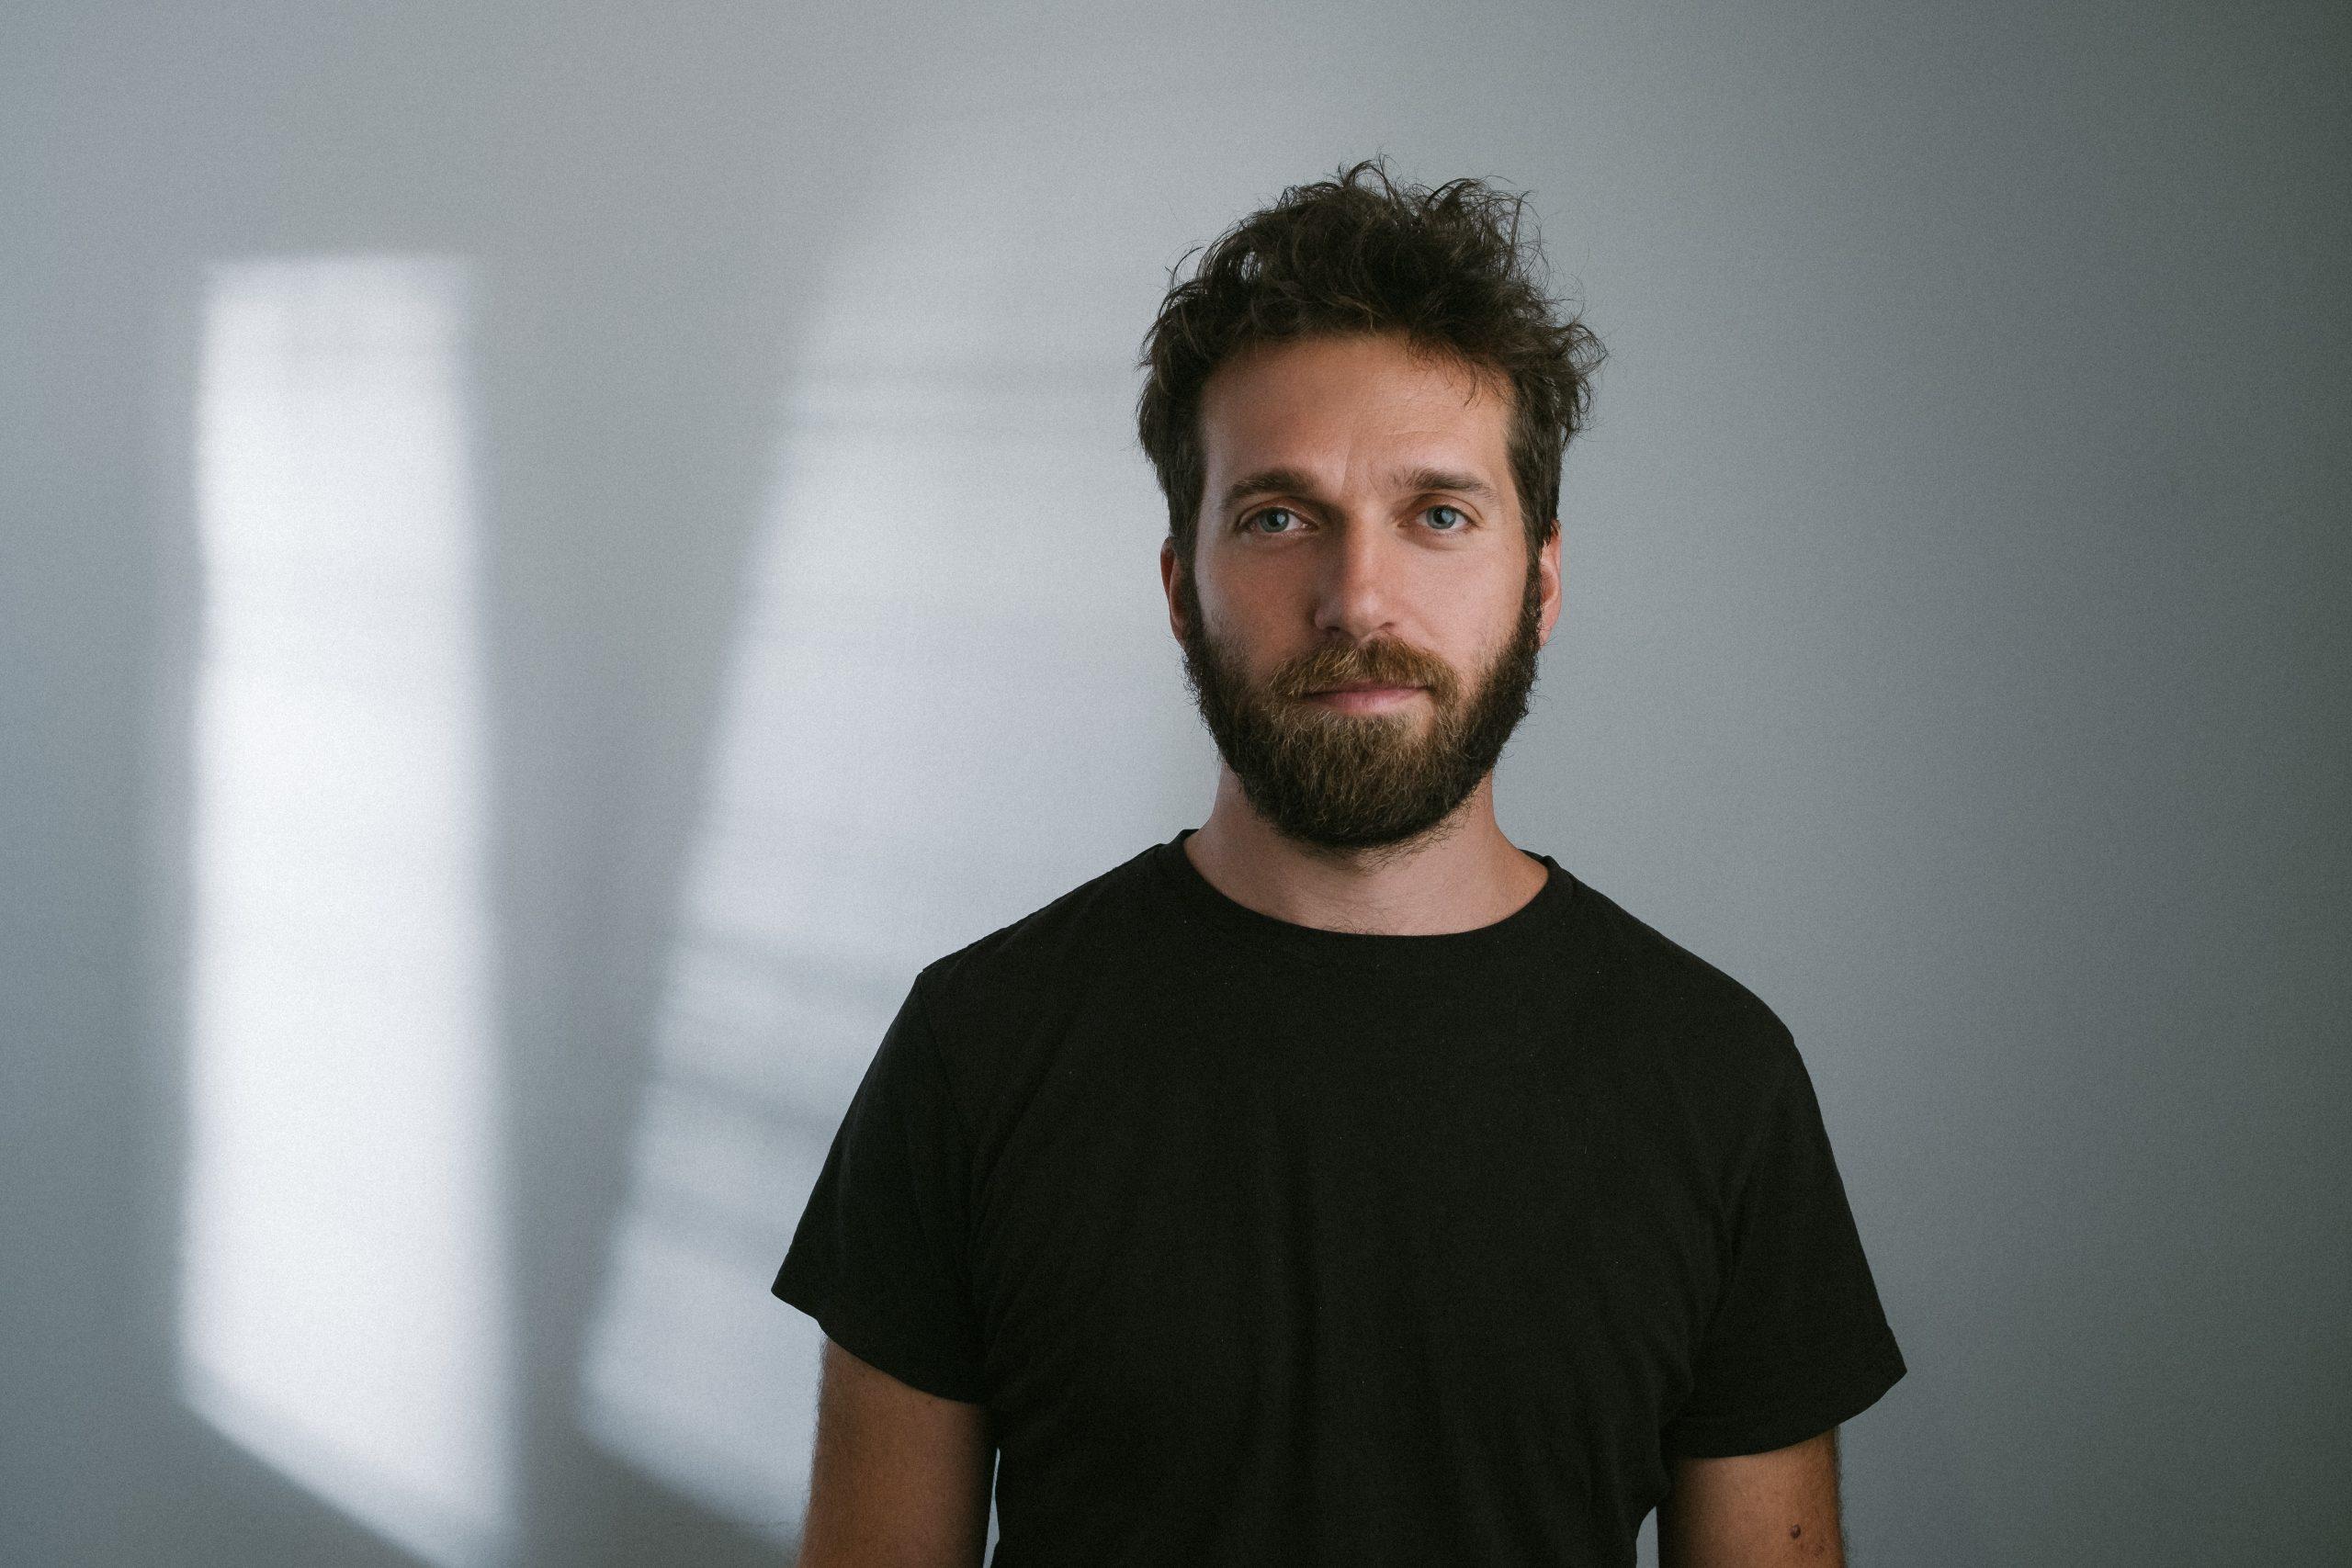 Konstantin Mikulitsch